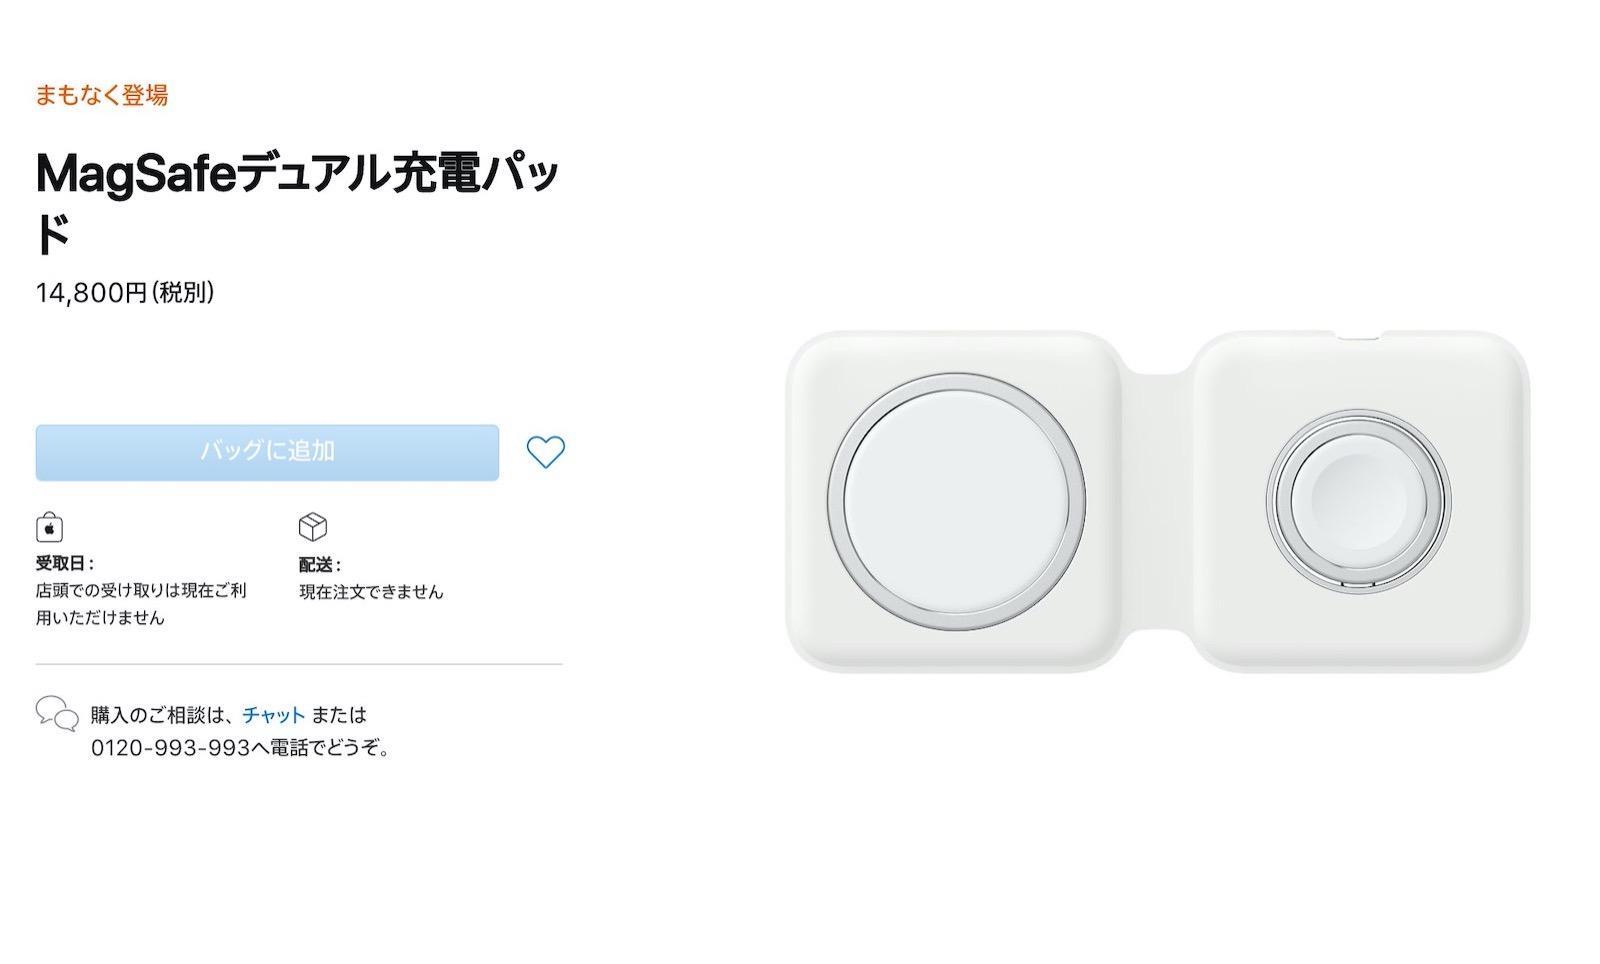 Magsafe dual pad